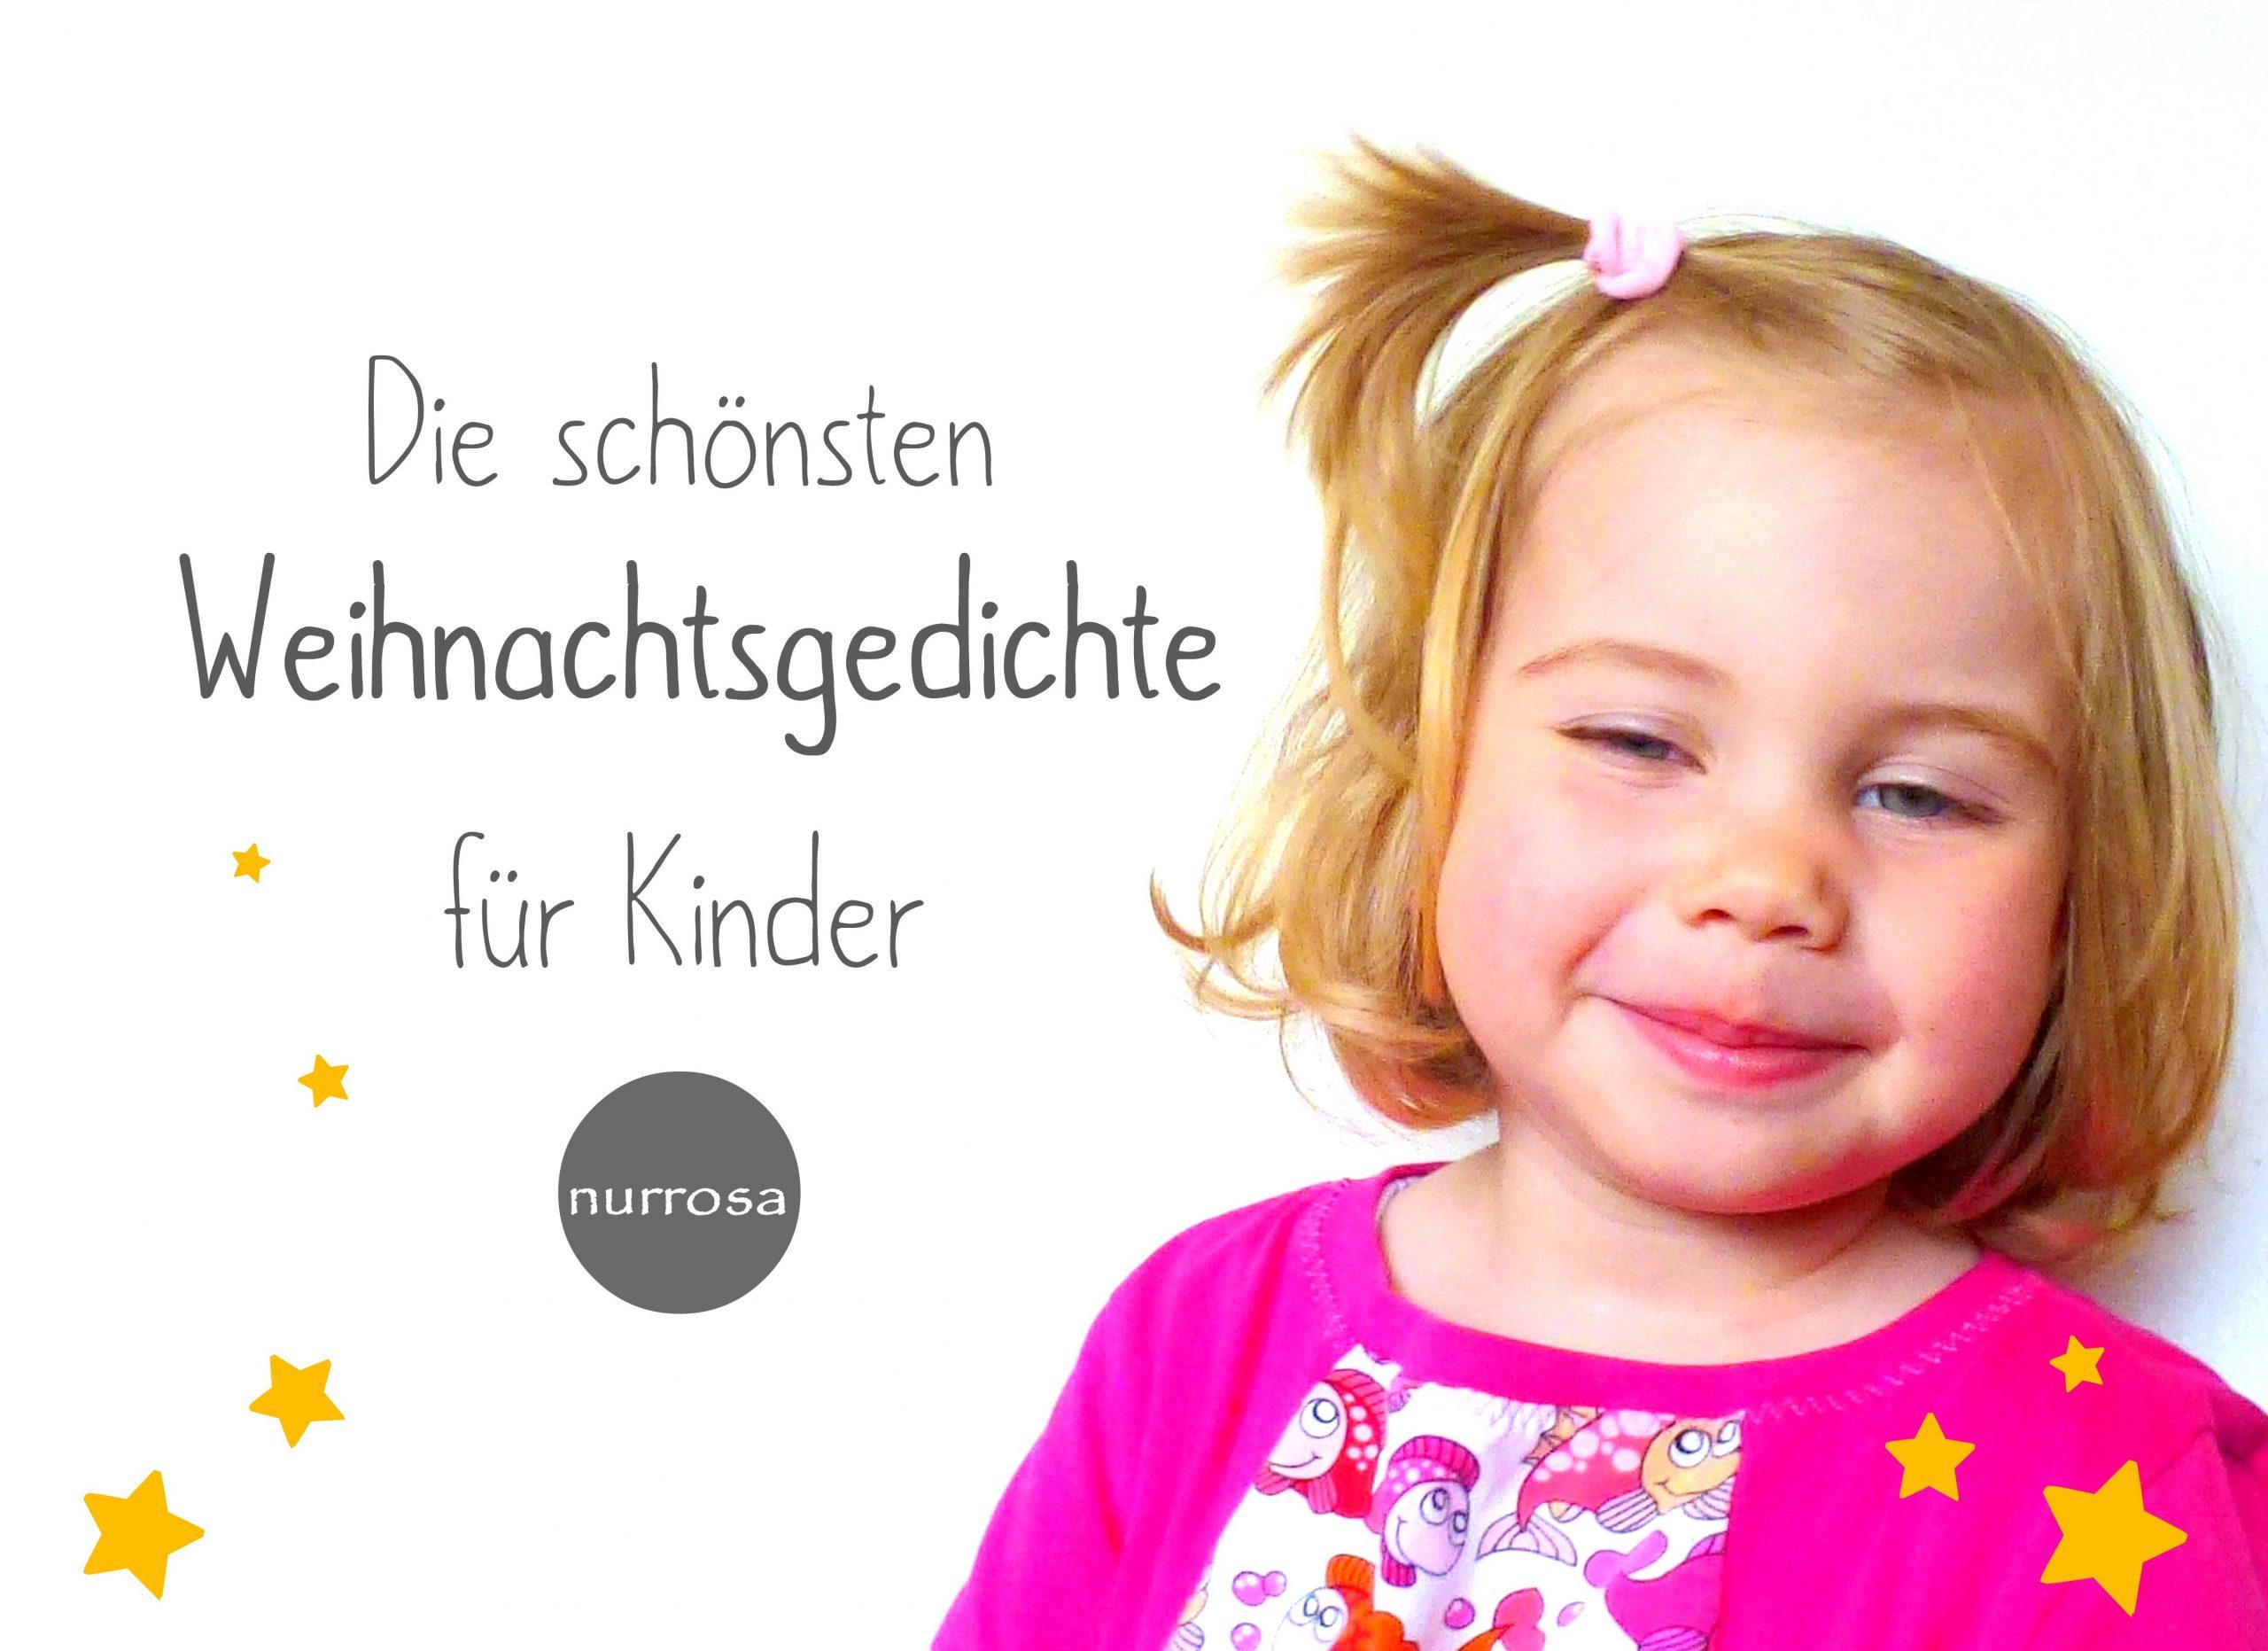 Die Schönsten Weihnachtsgedichte Für Kinder – Nurrosa für Kleine Weihnachtsgedichte Für Kindergartenkinder